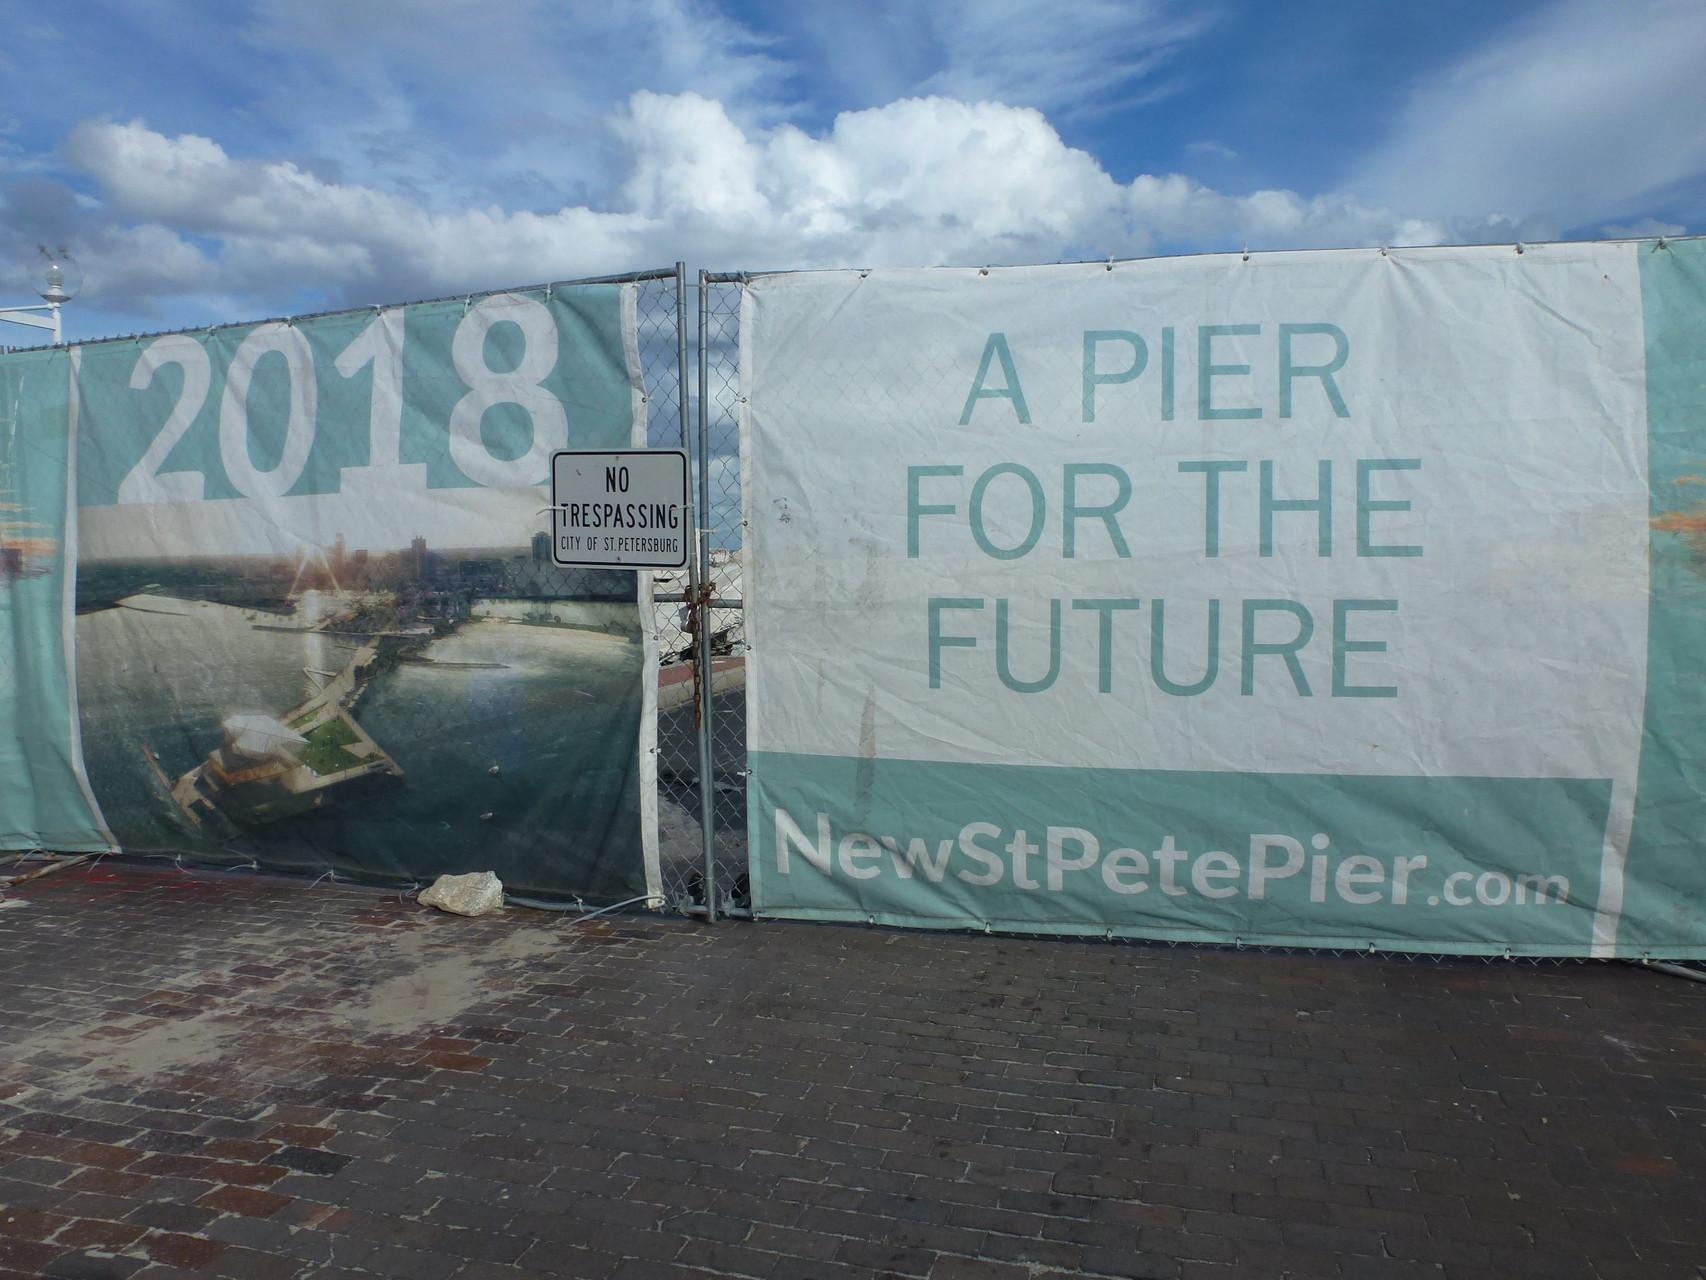 Der gesperrte Pier